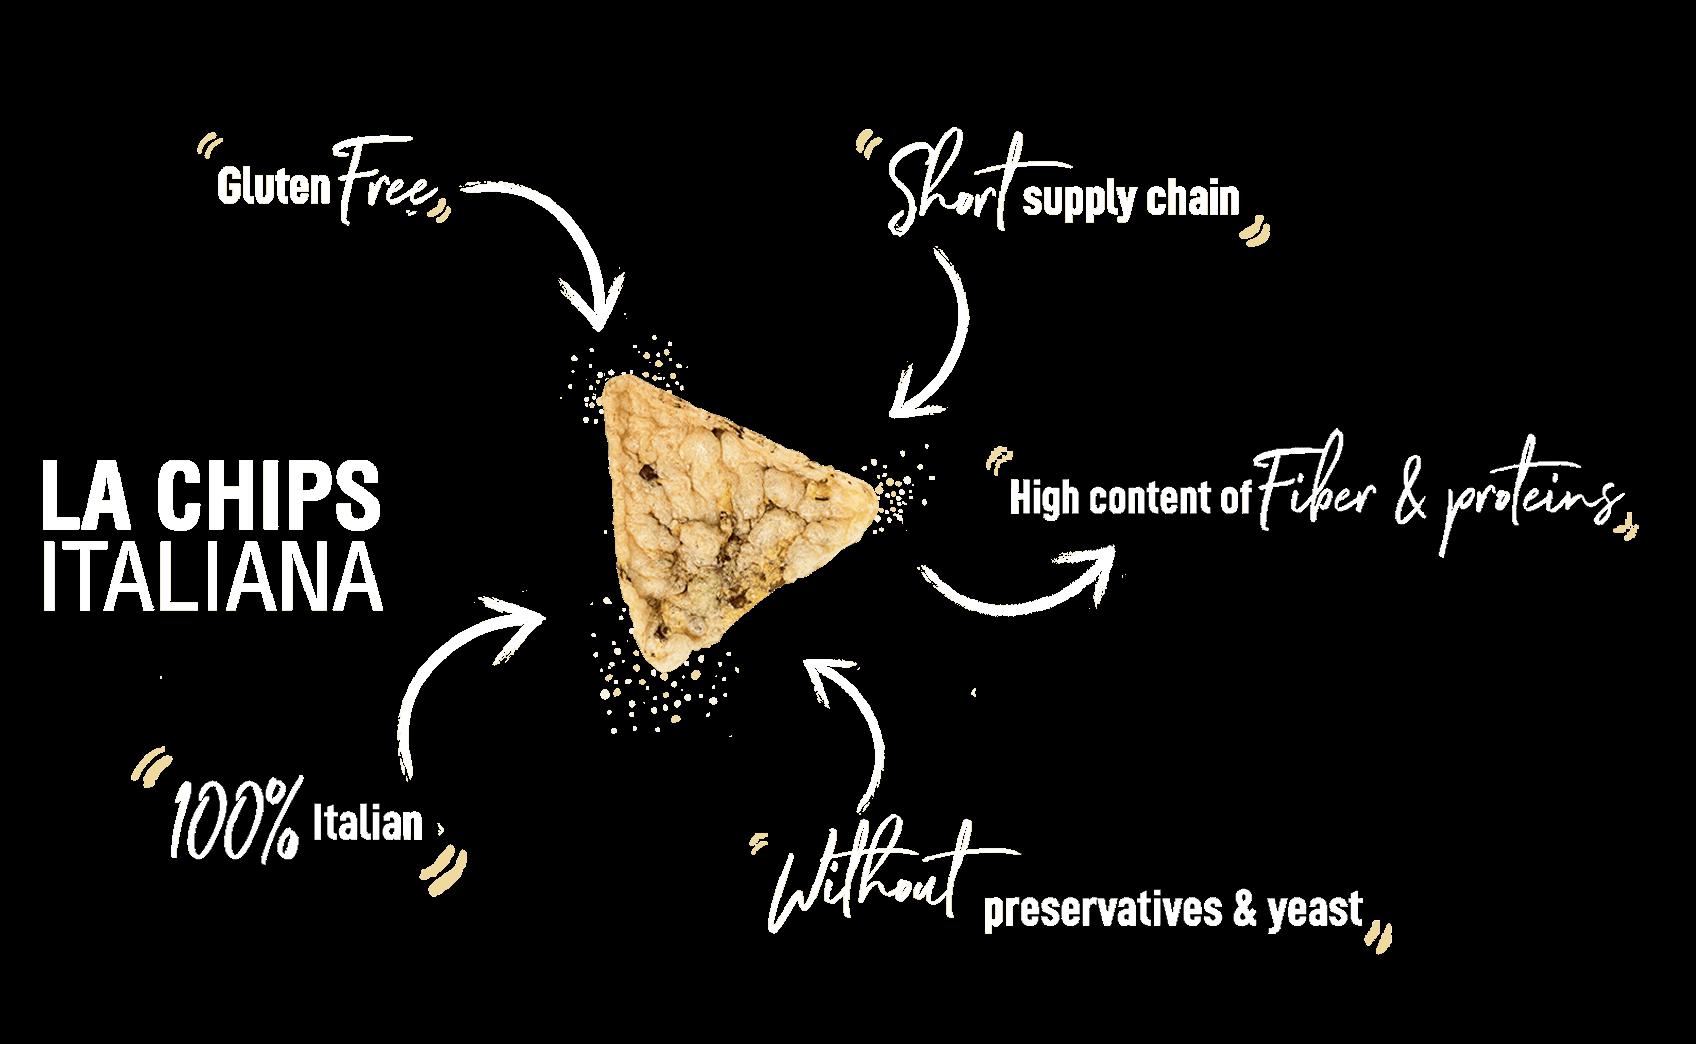 chips lentis 100% italian